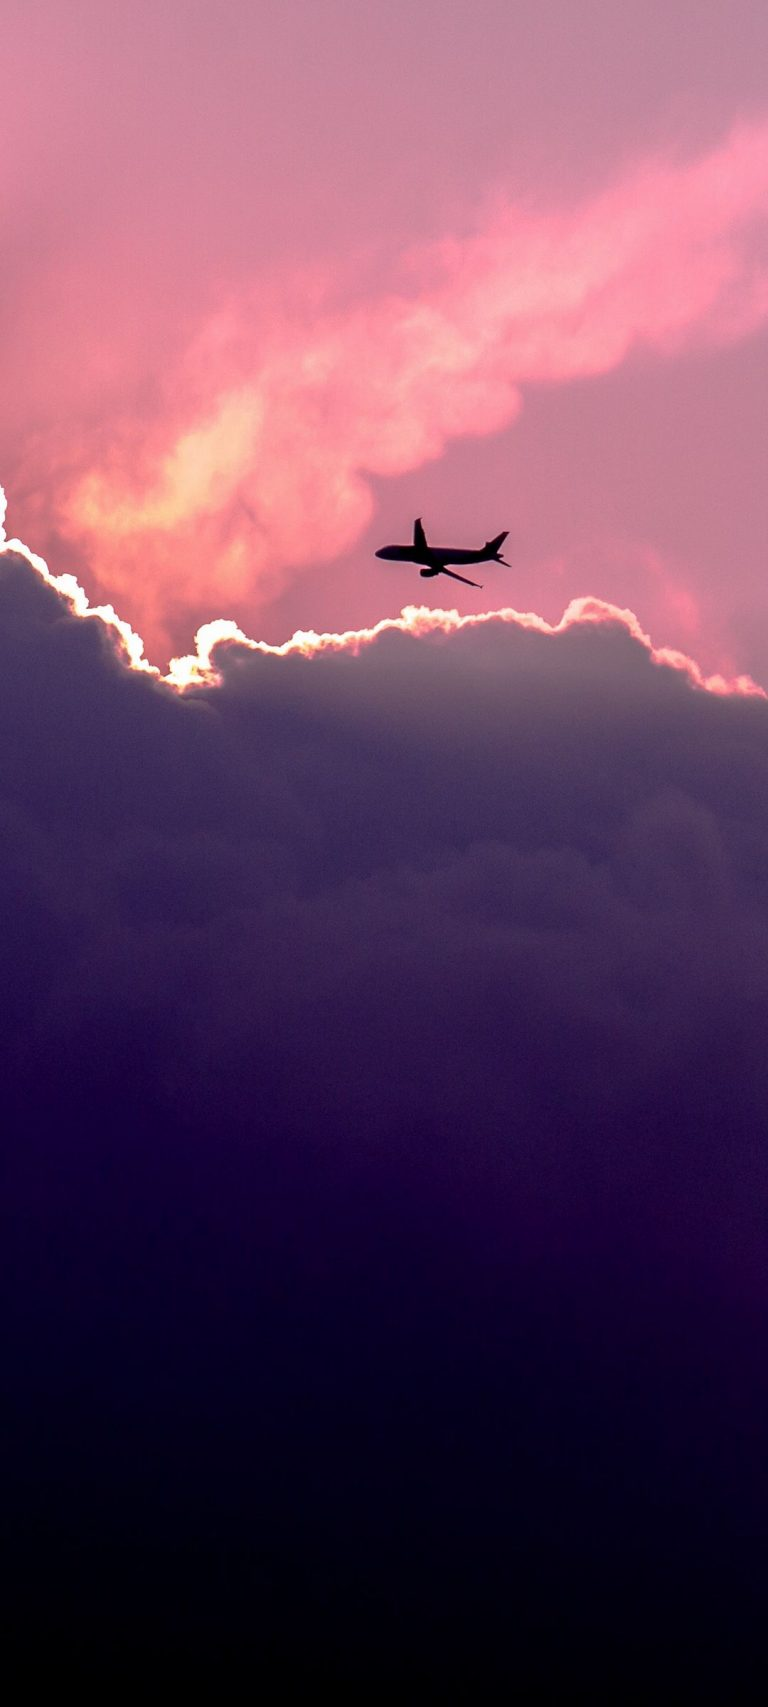 Plane Sky Clouds 1080x2400 768x1707